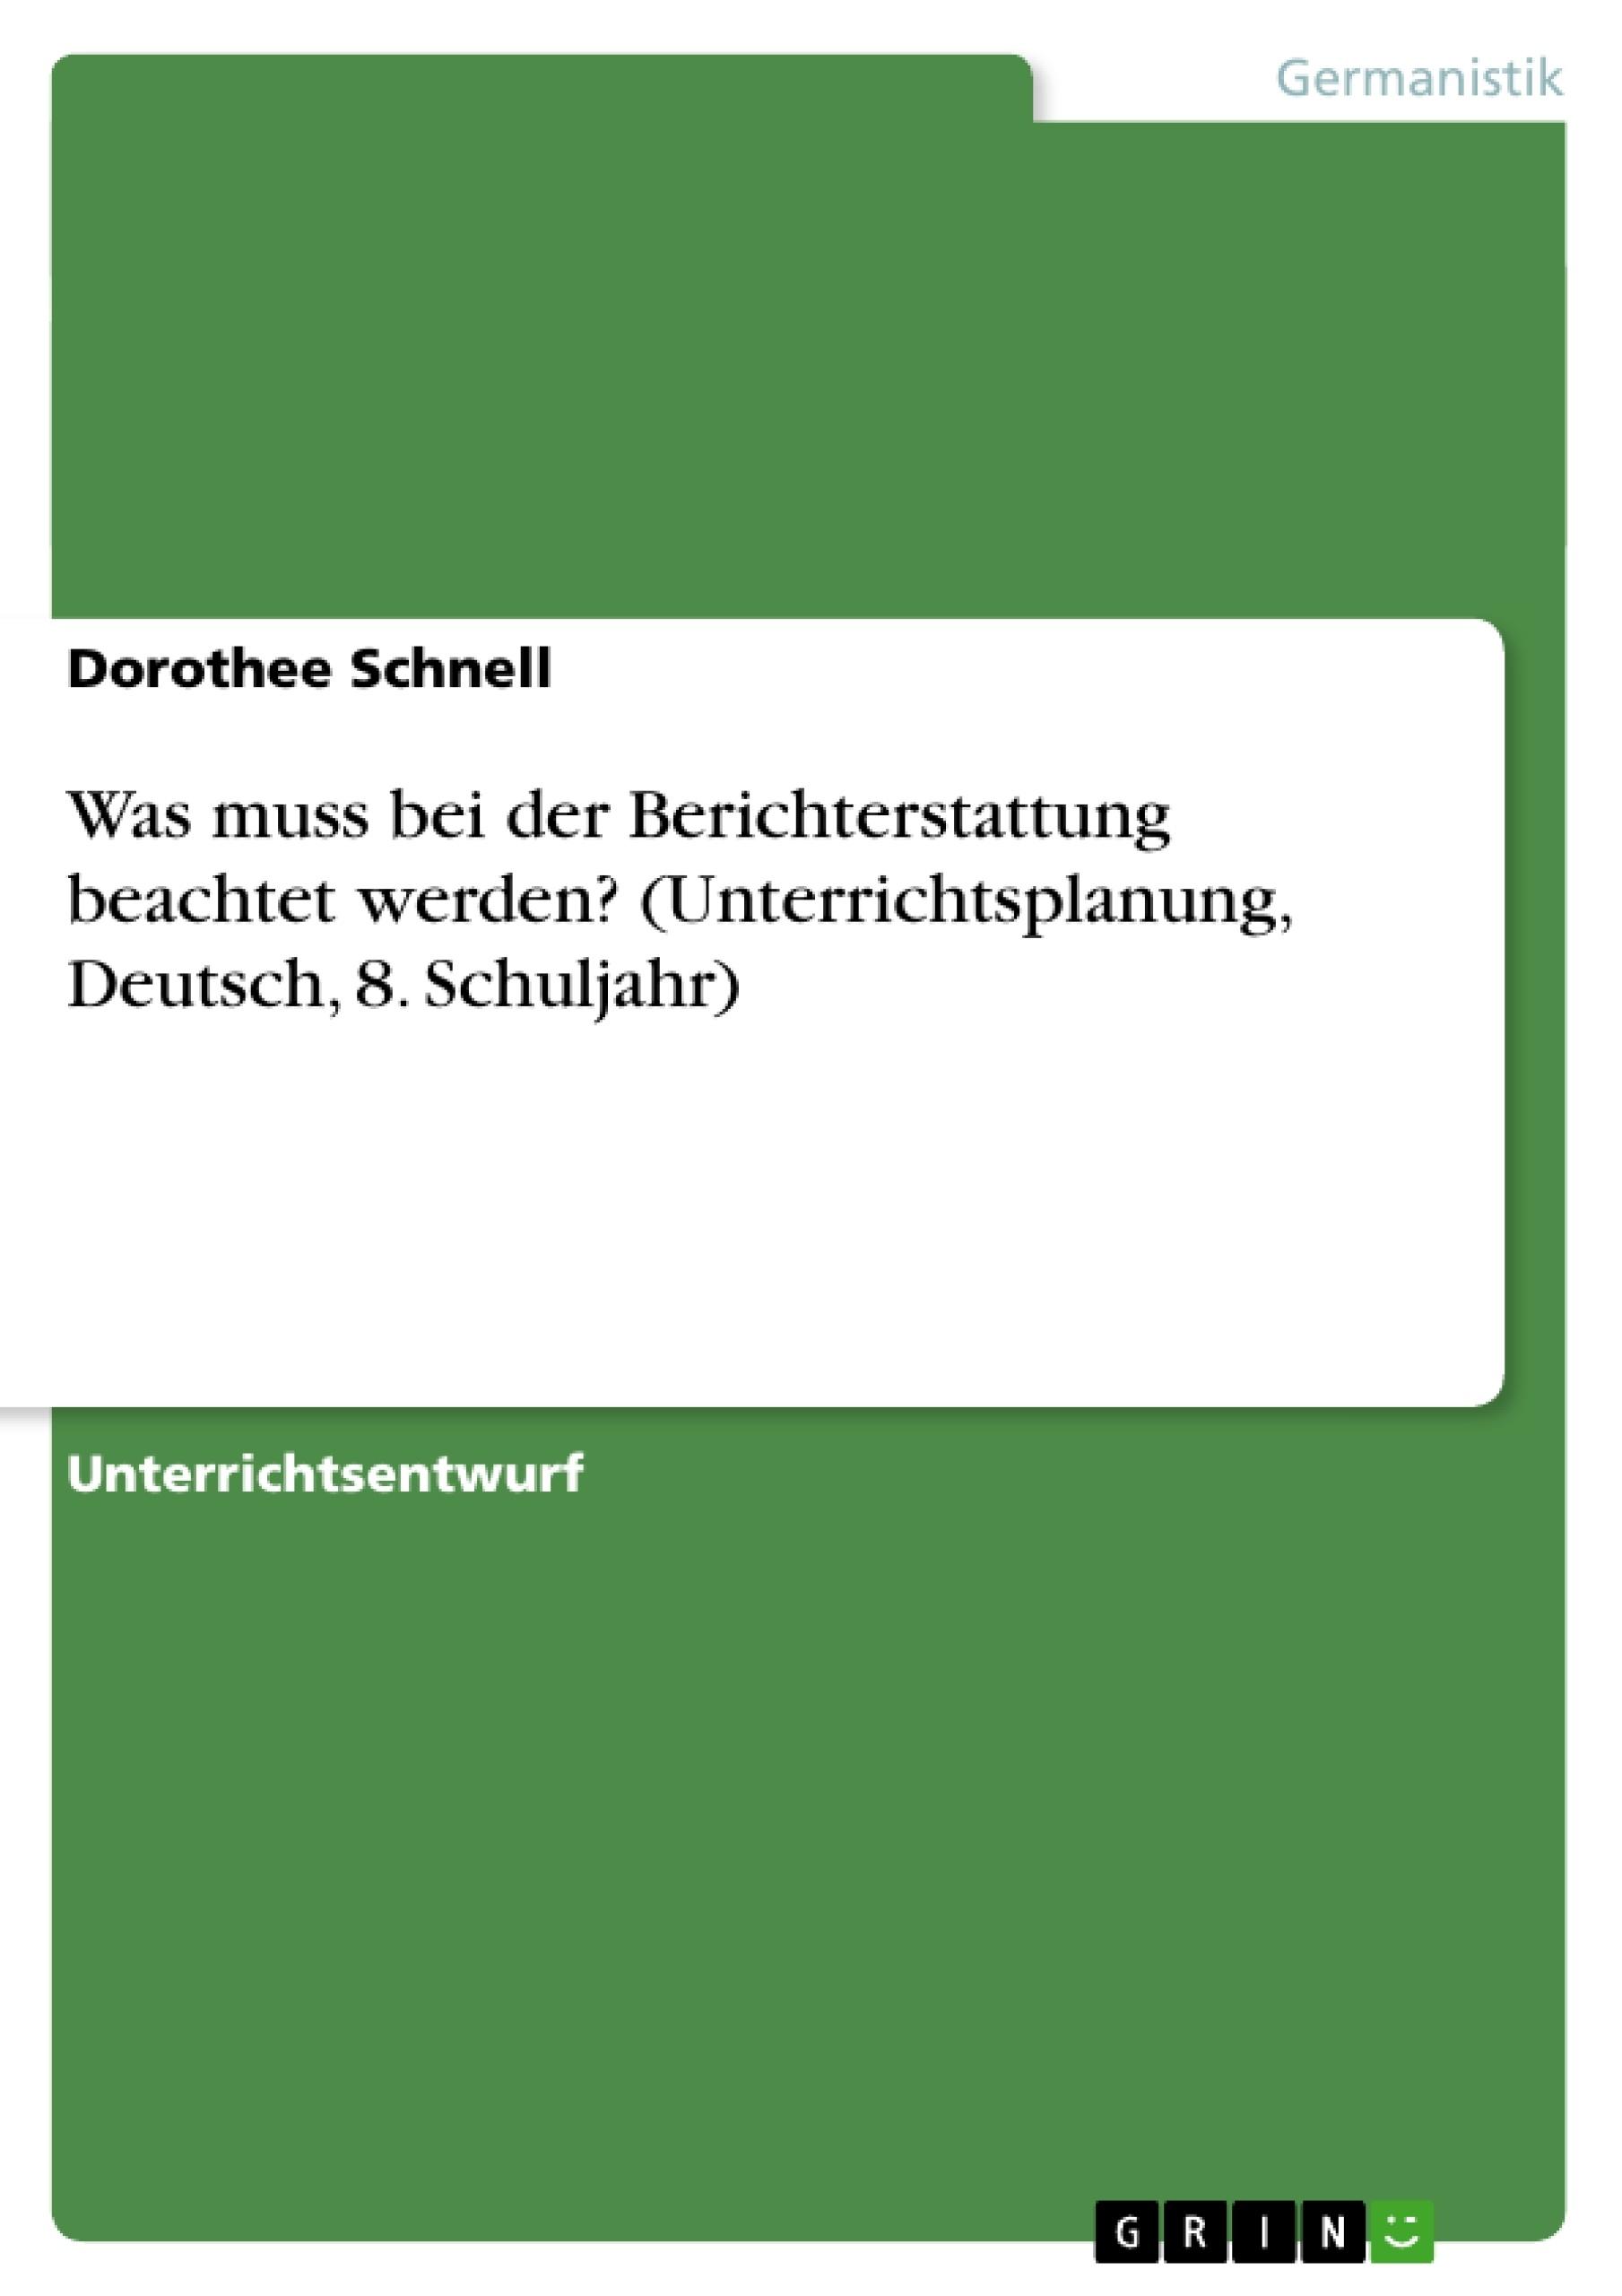 Titel: Was muss bei der Berichterstattung beachtet werden? (Unterrichtsplanung, Deutsch, 8. Schuljahr)